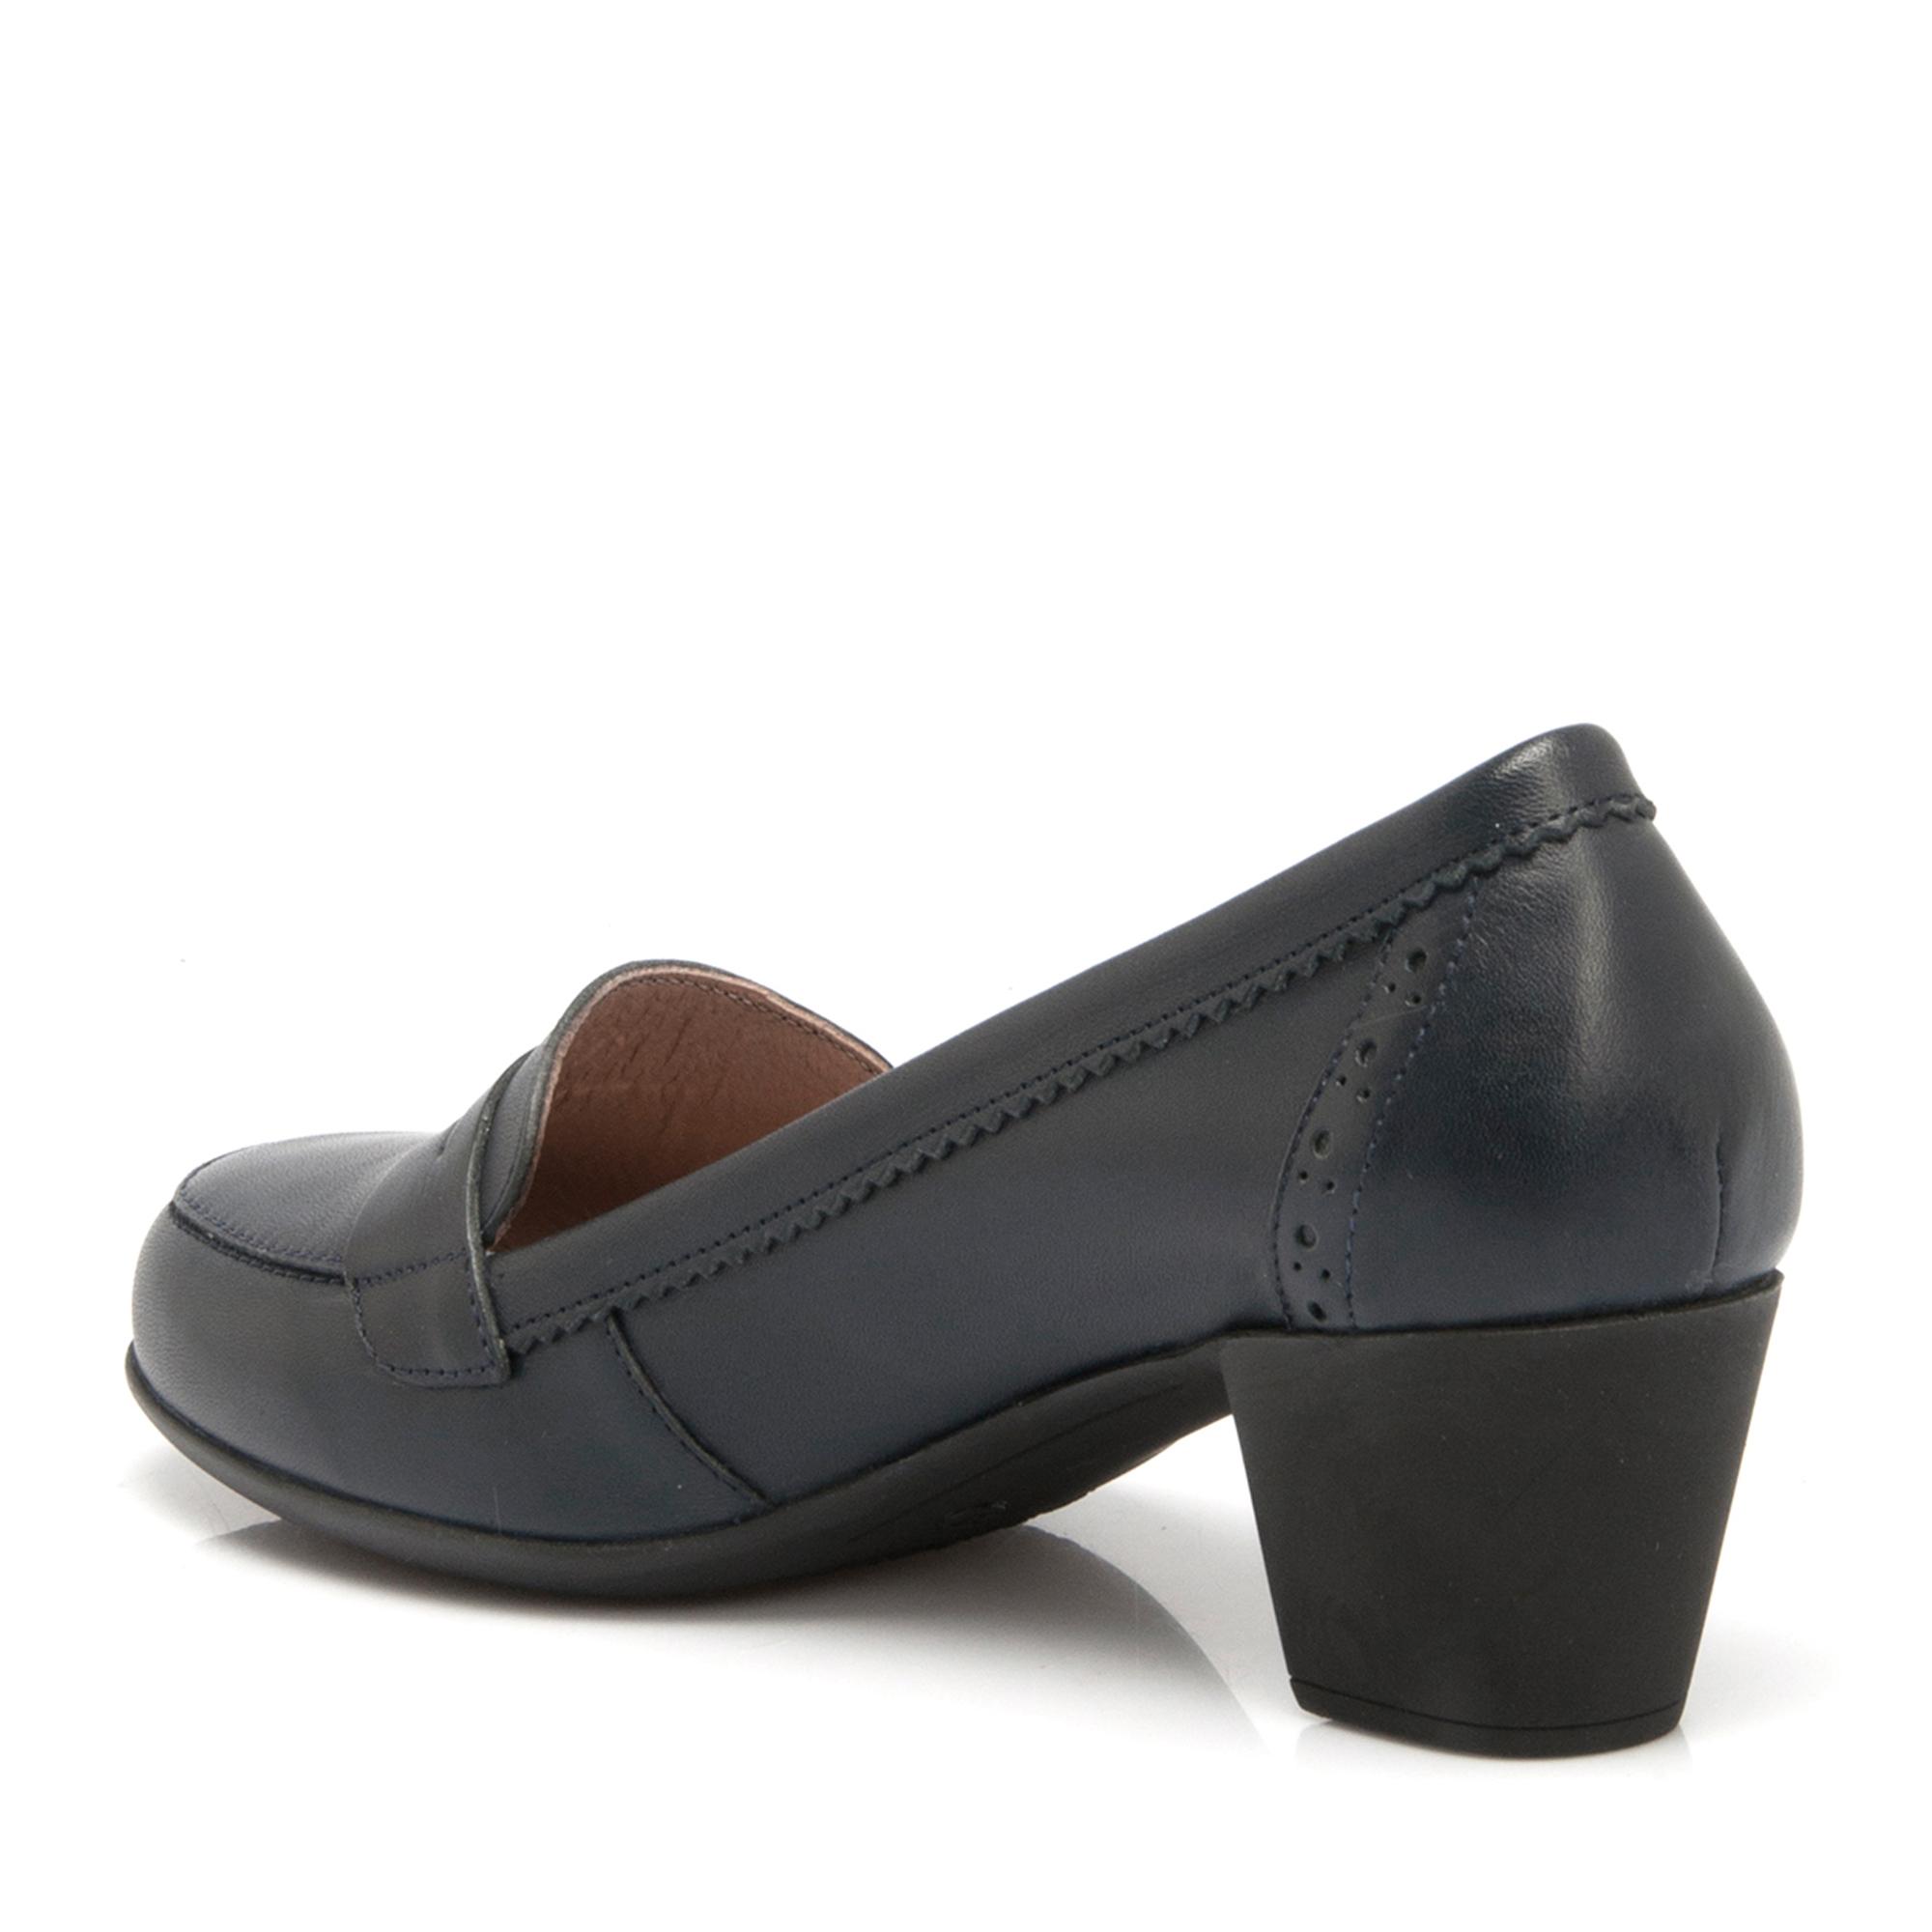 Lacivert Deri Kadın Ayakkabı 64198A31